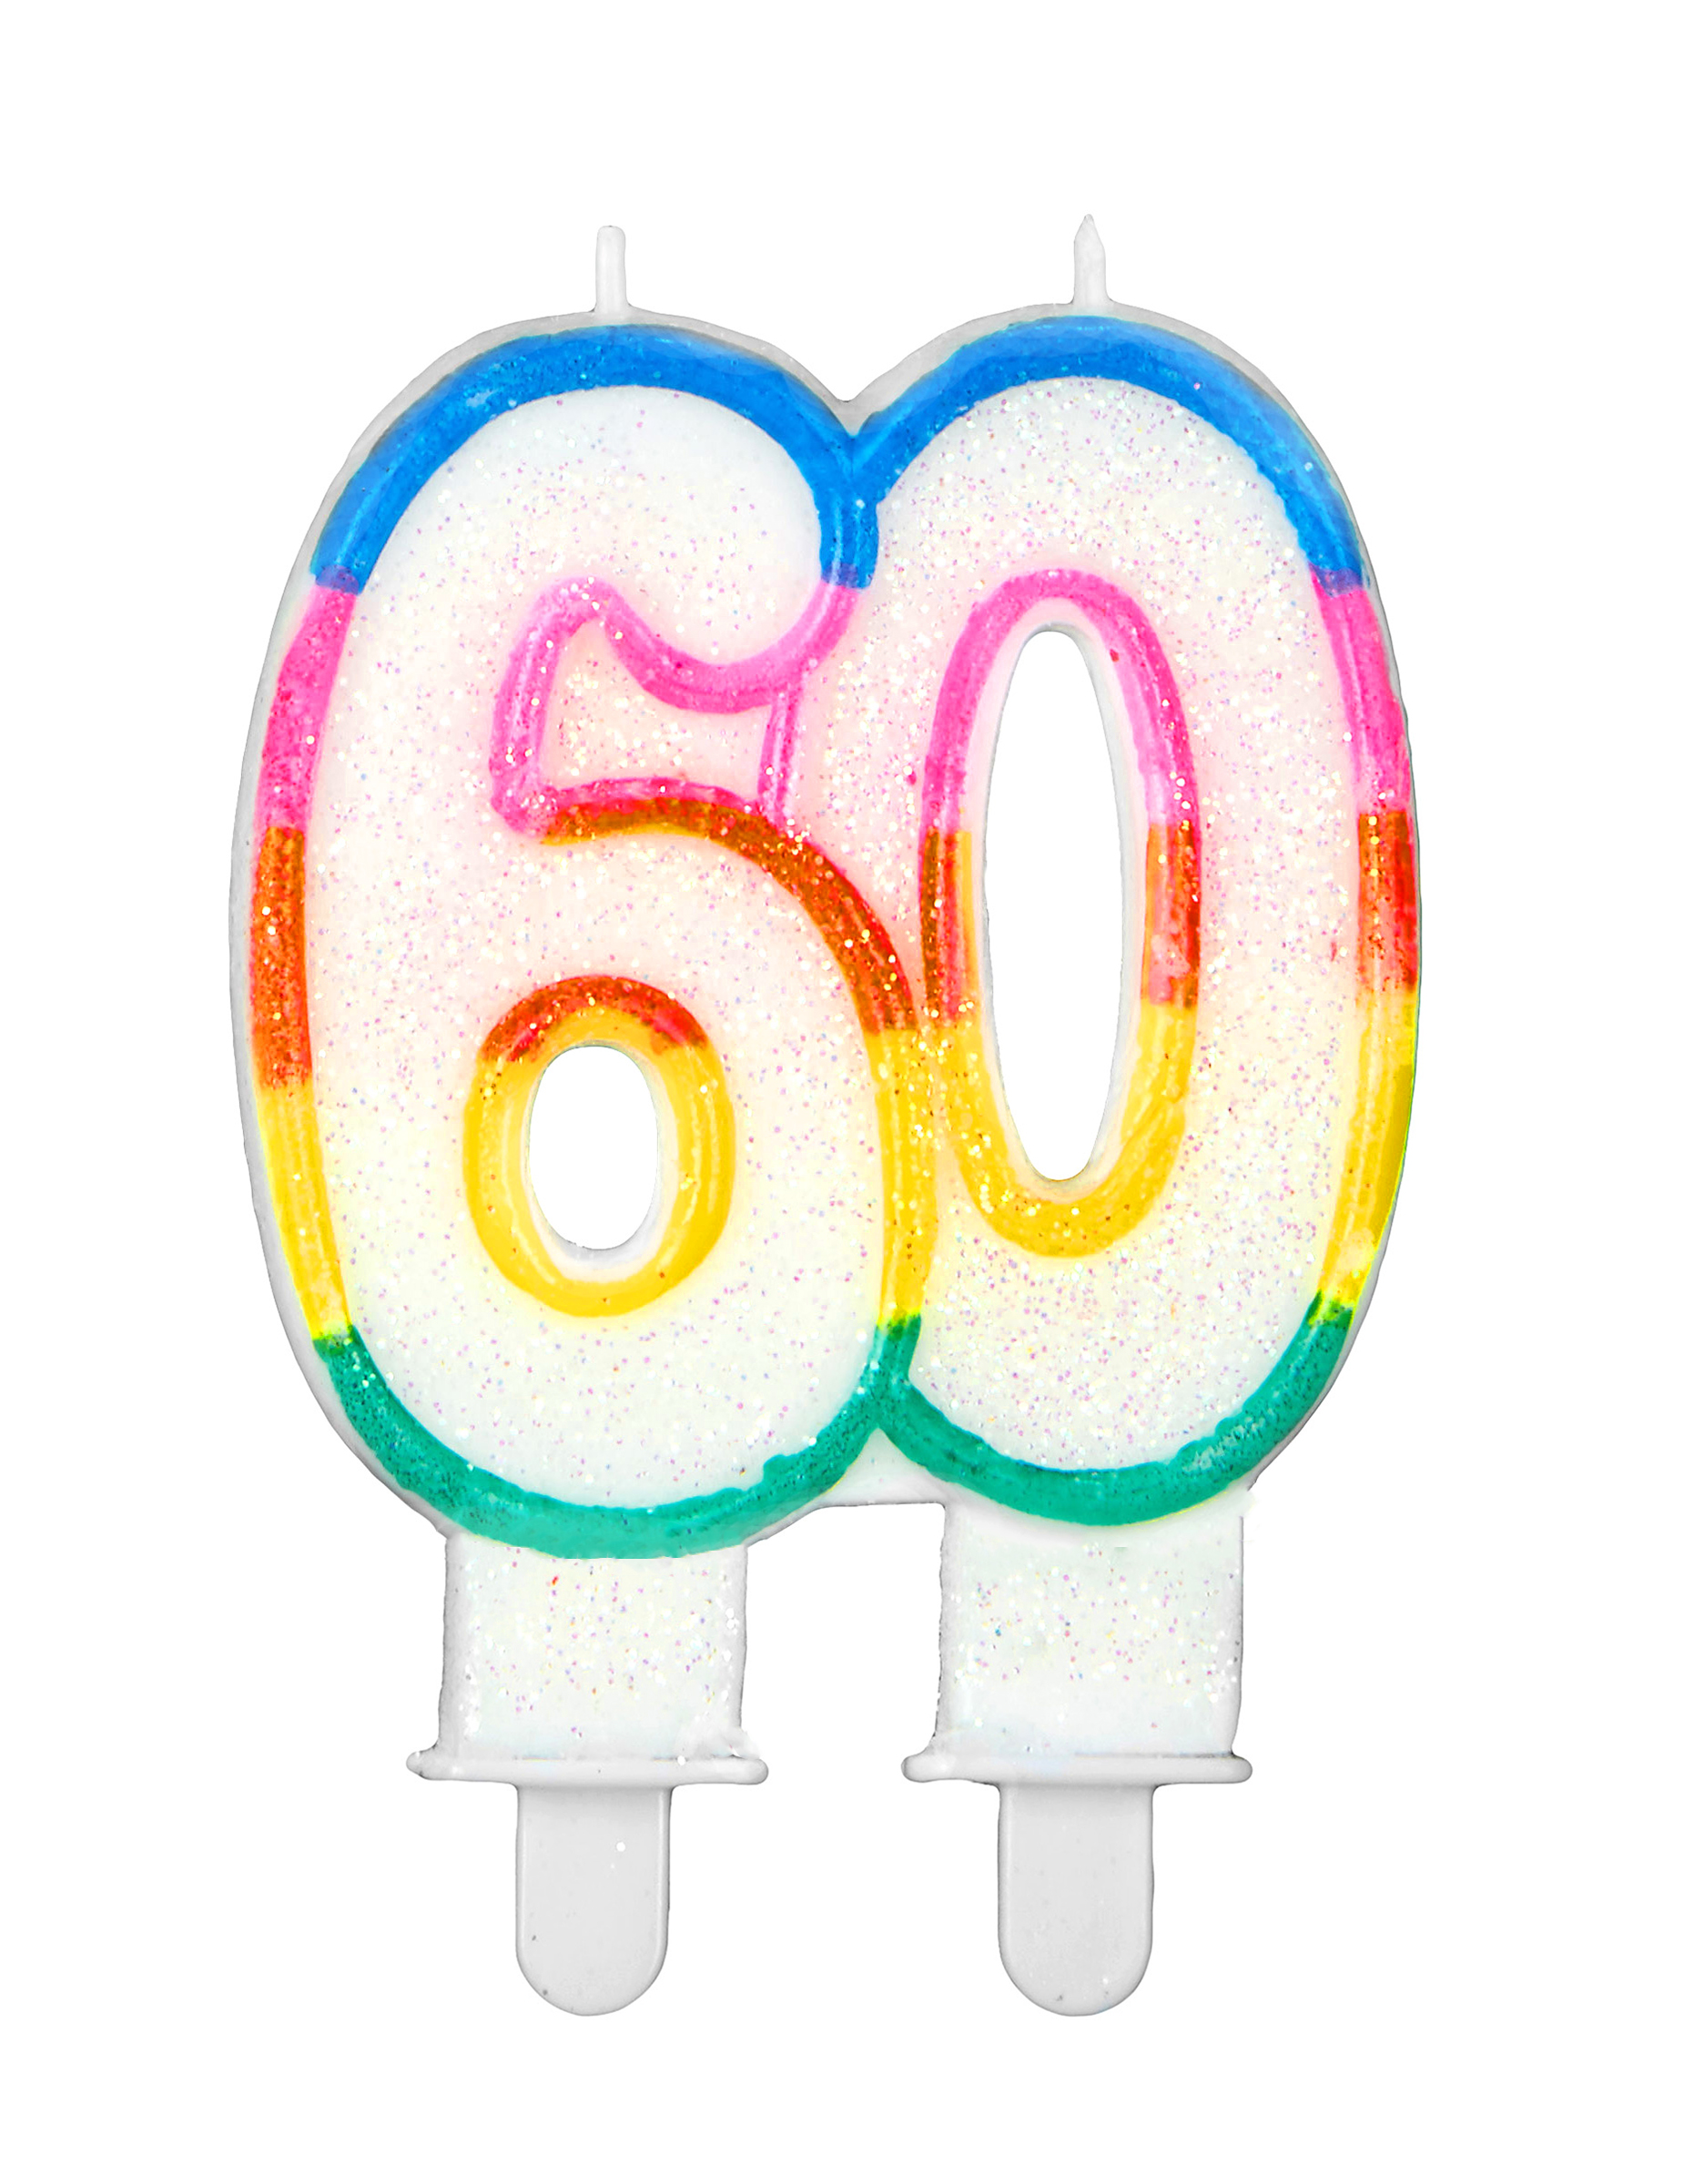 abbastanza Candelina arcobaleno per compleanno 60 anni: Addobbi,e vestiti di  CI44